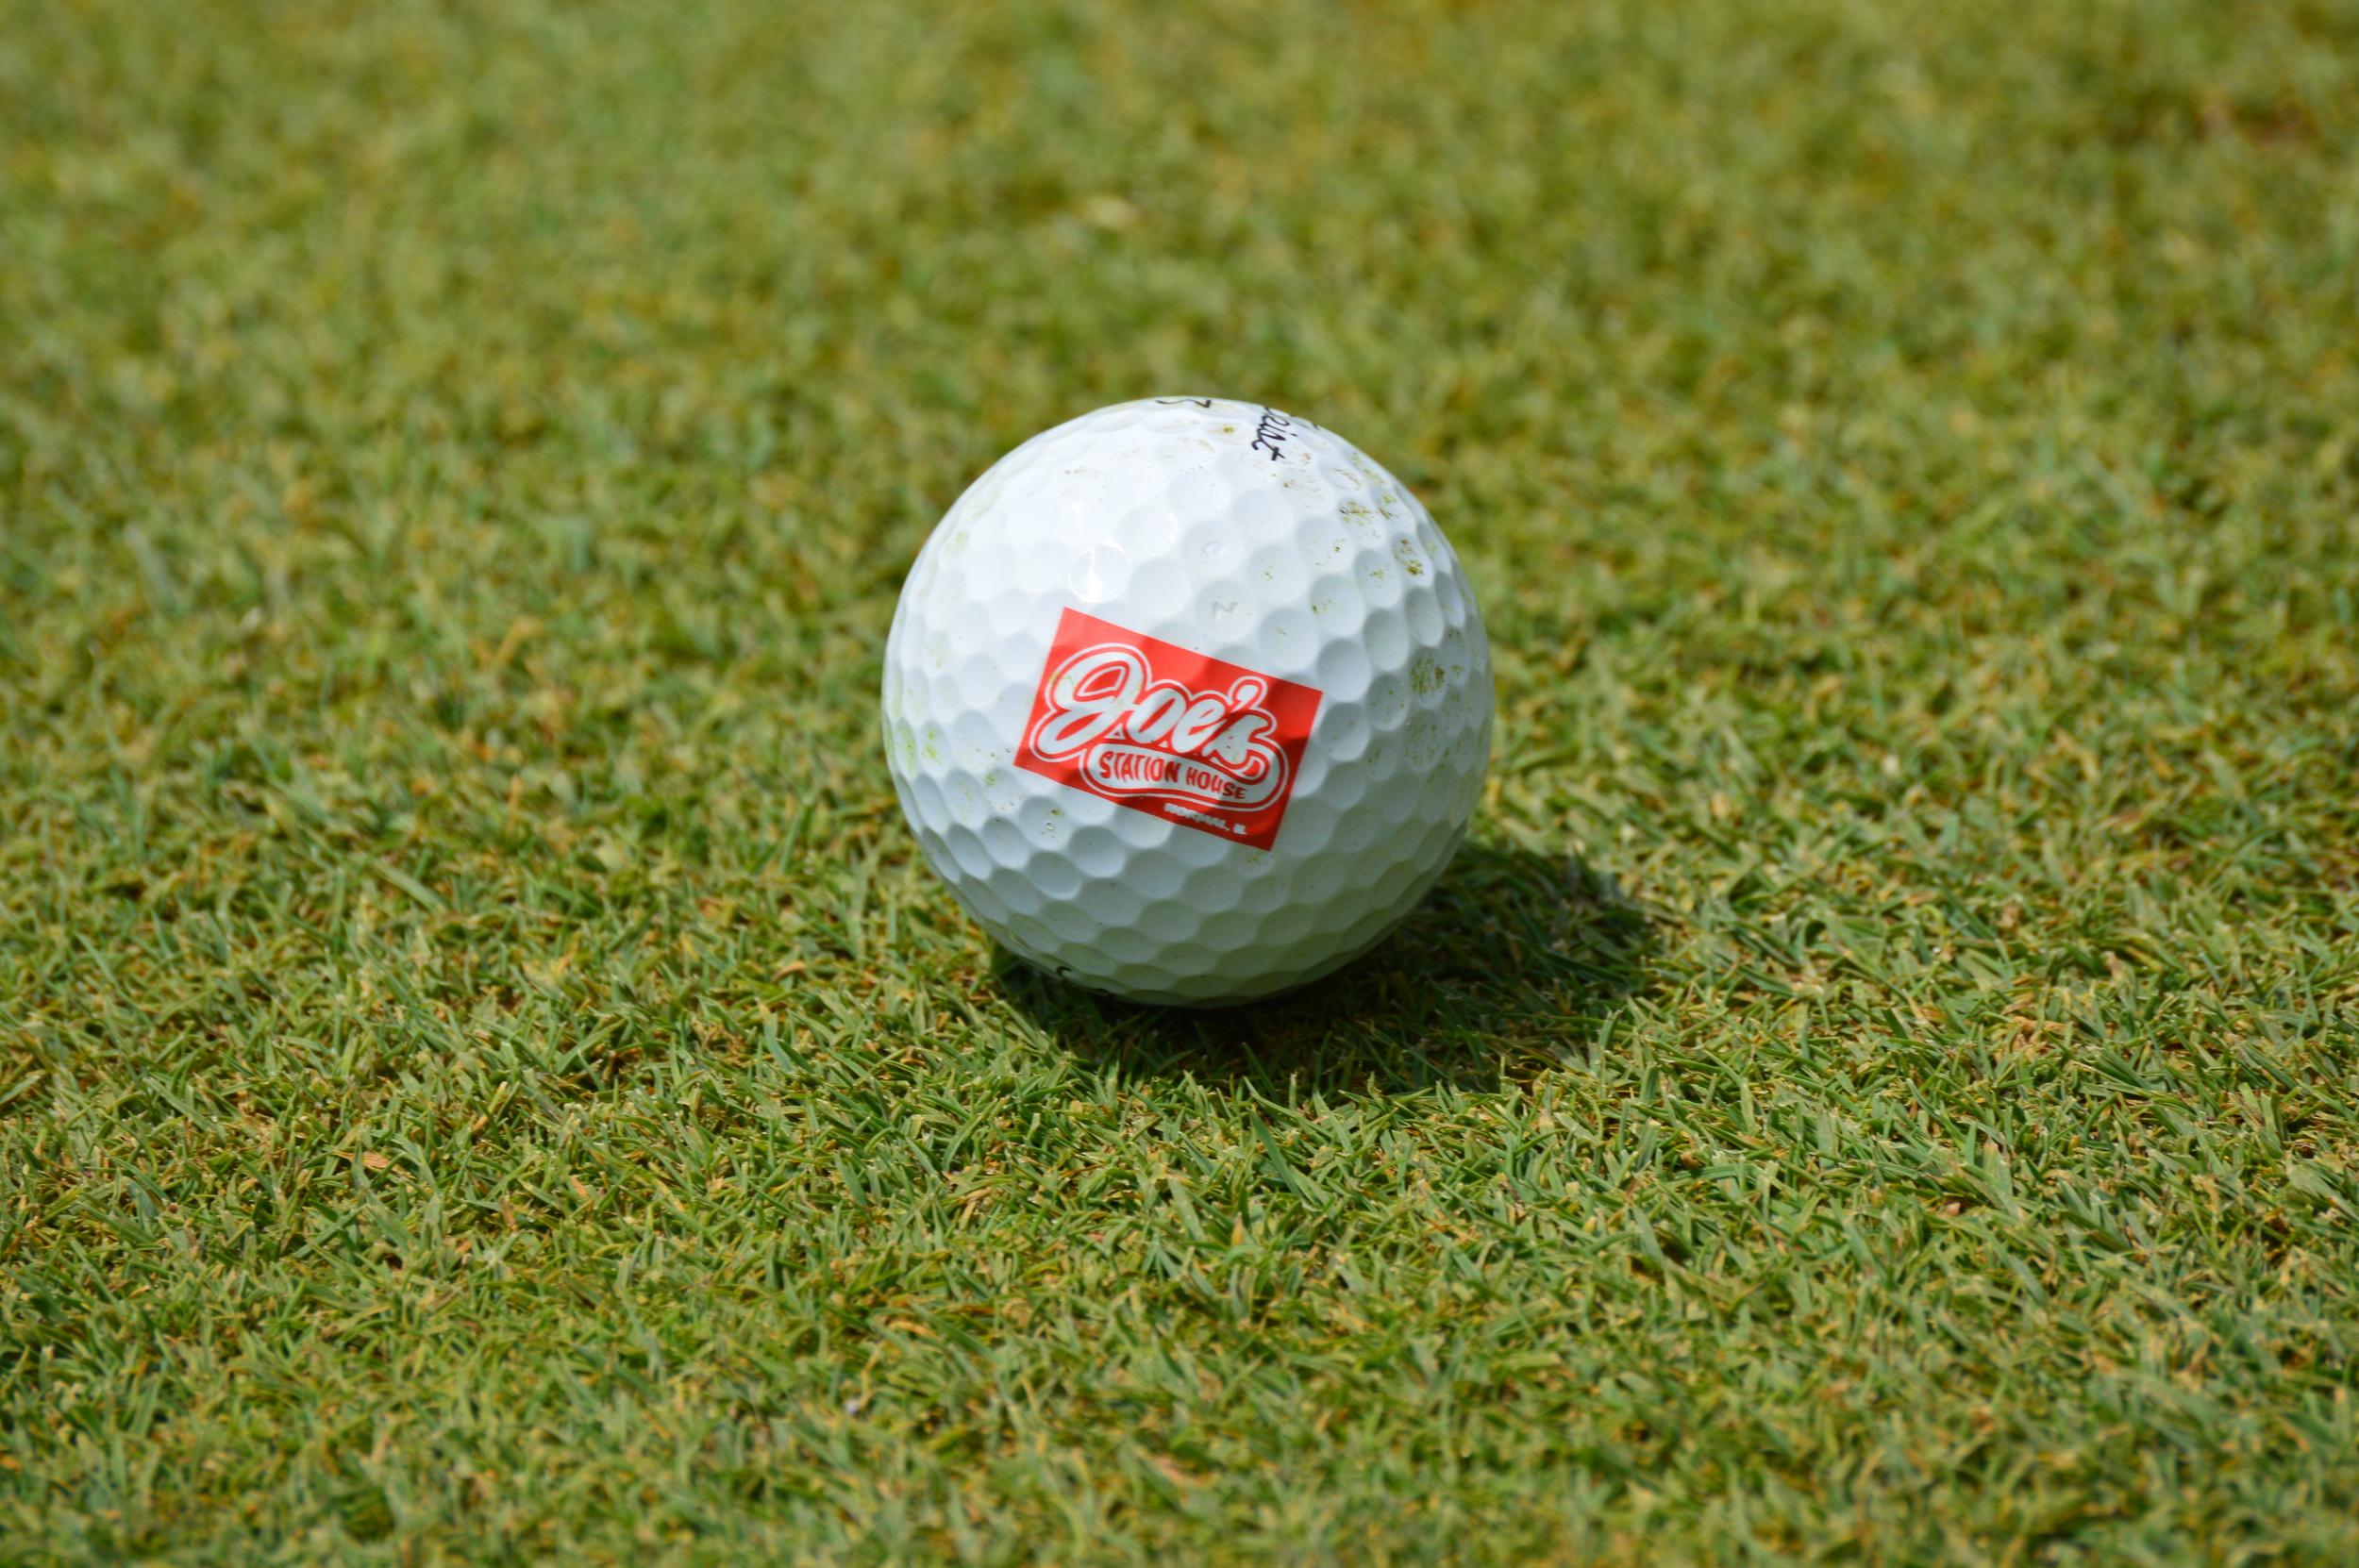 DSC_0414 Golf ball.JPG